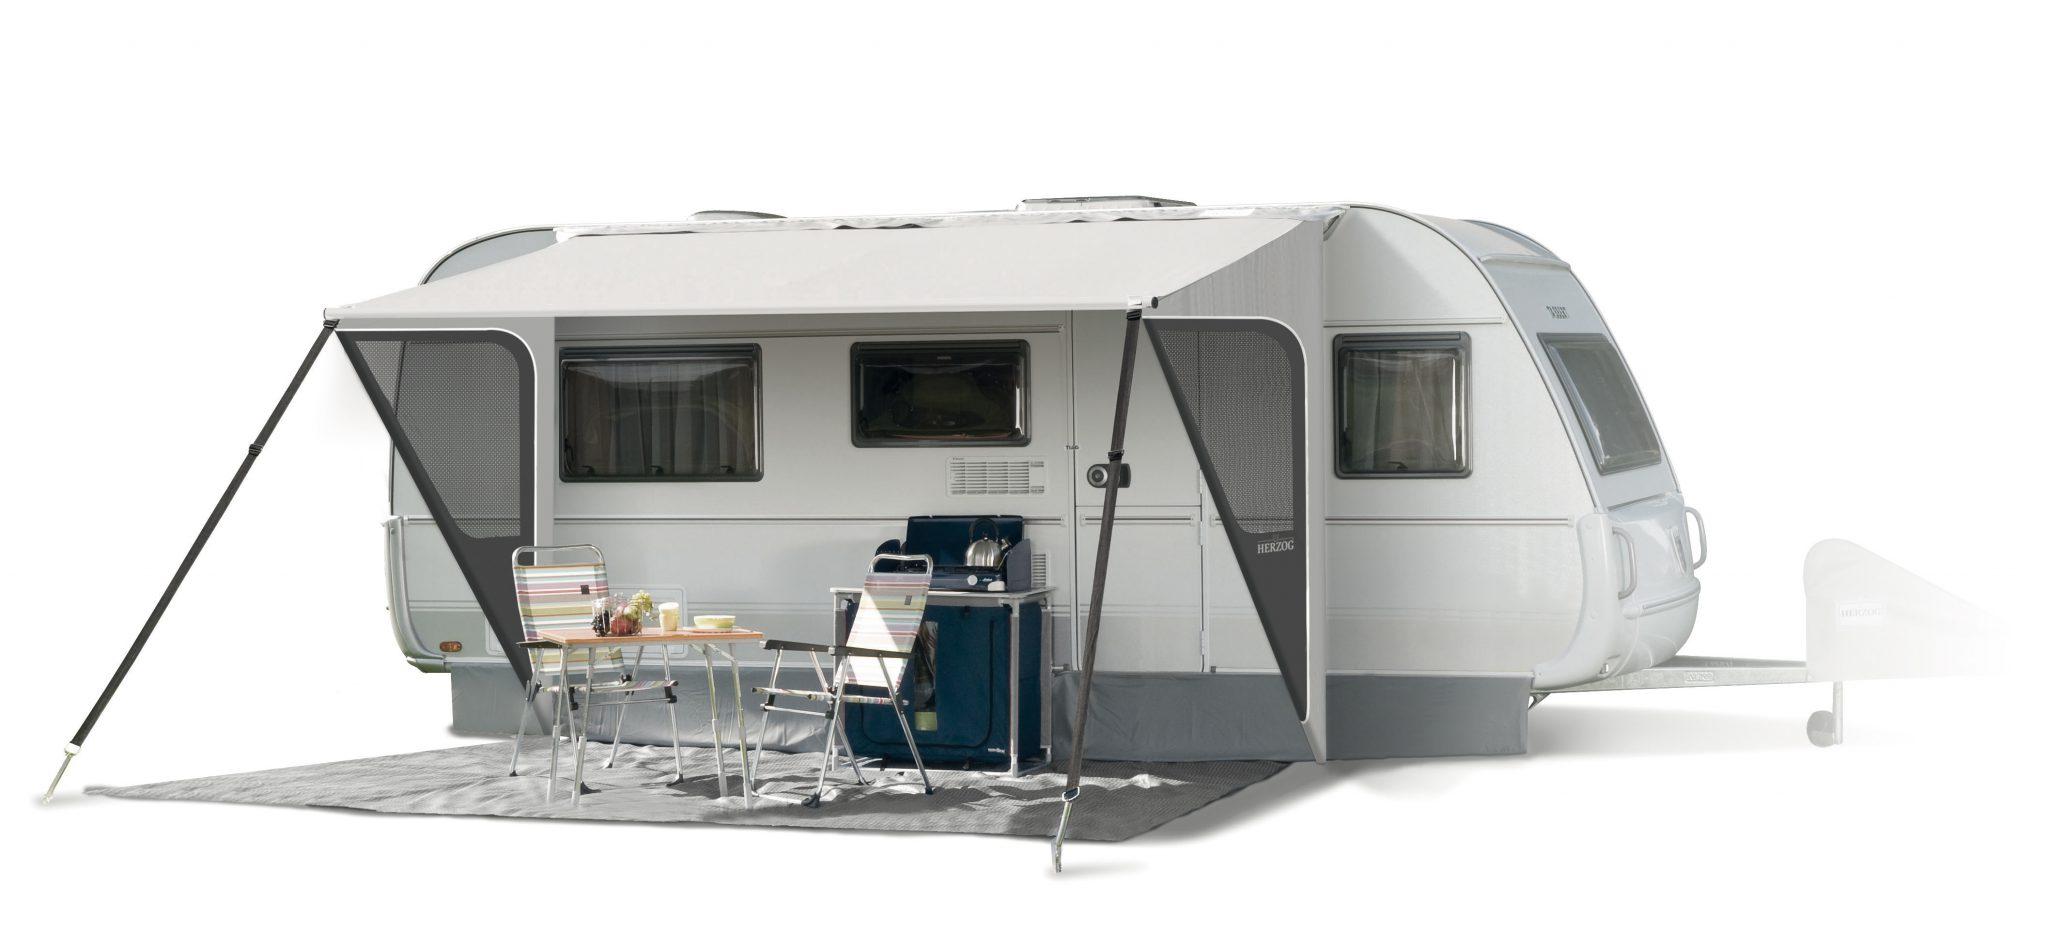 de travel star light van herzog. Black Bedroom Furniture Sets. Home Design Ideas